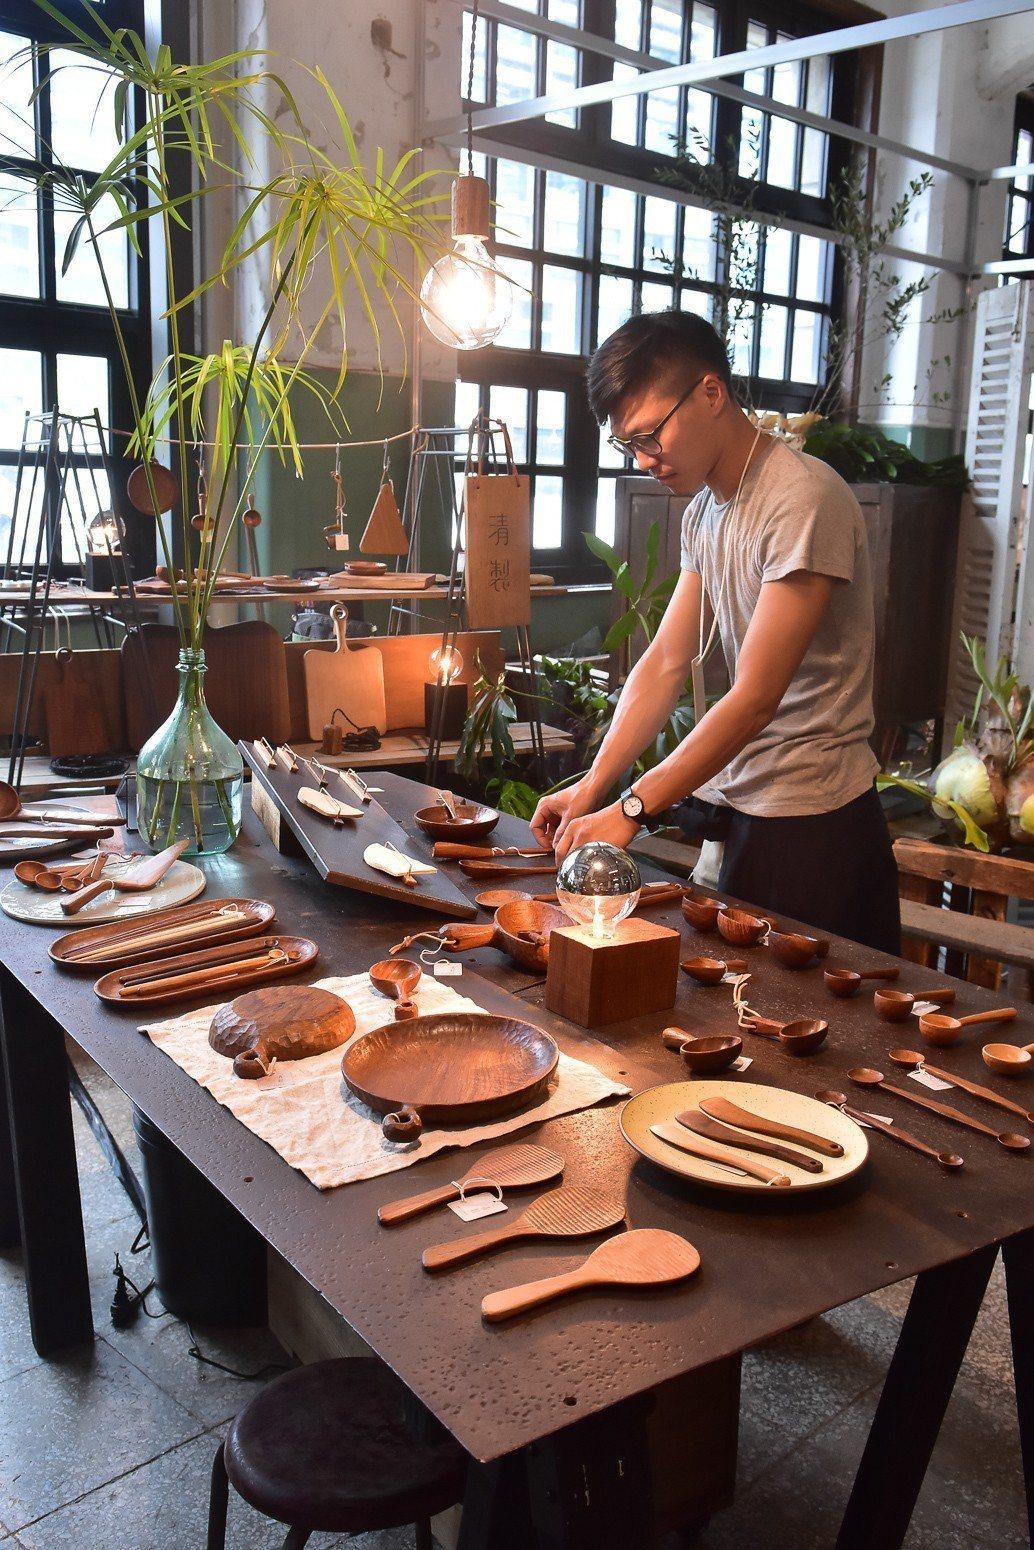 「清製手作」以溫潤手感,製作樸實家居品。圖/島作提供